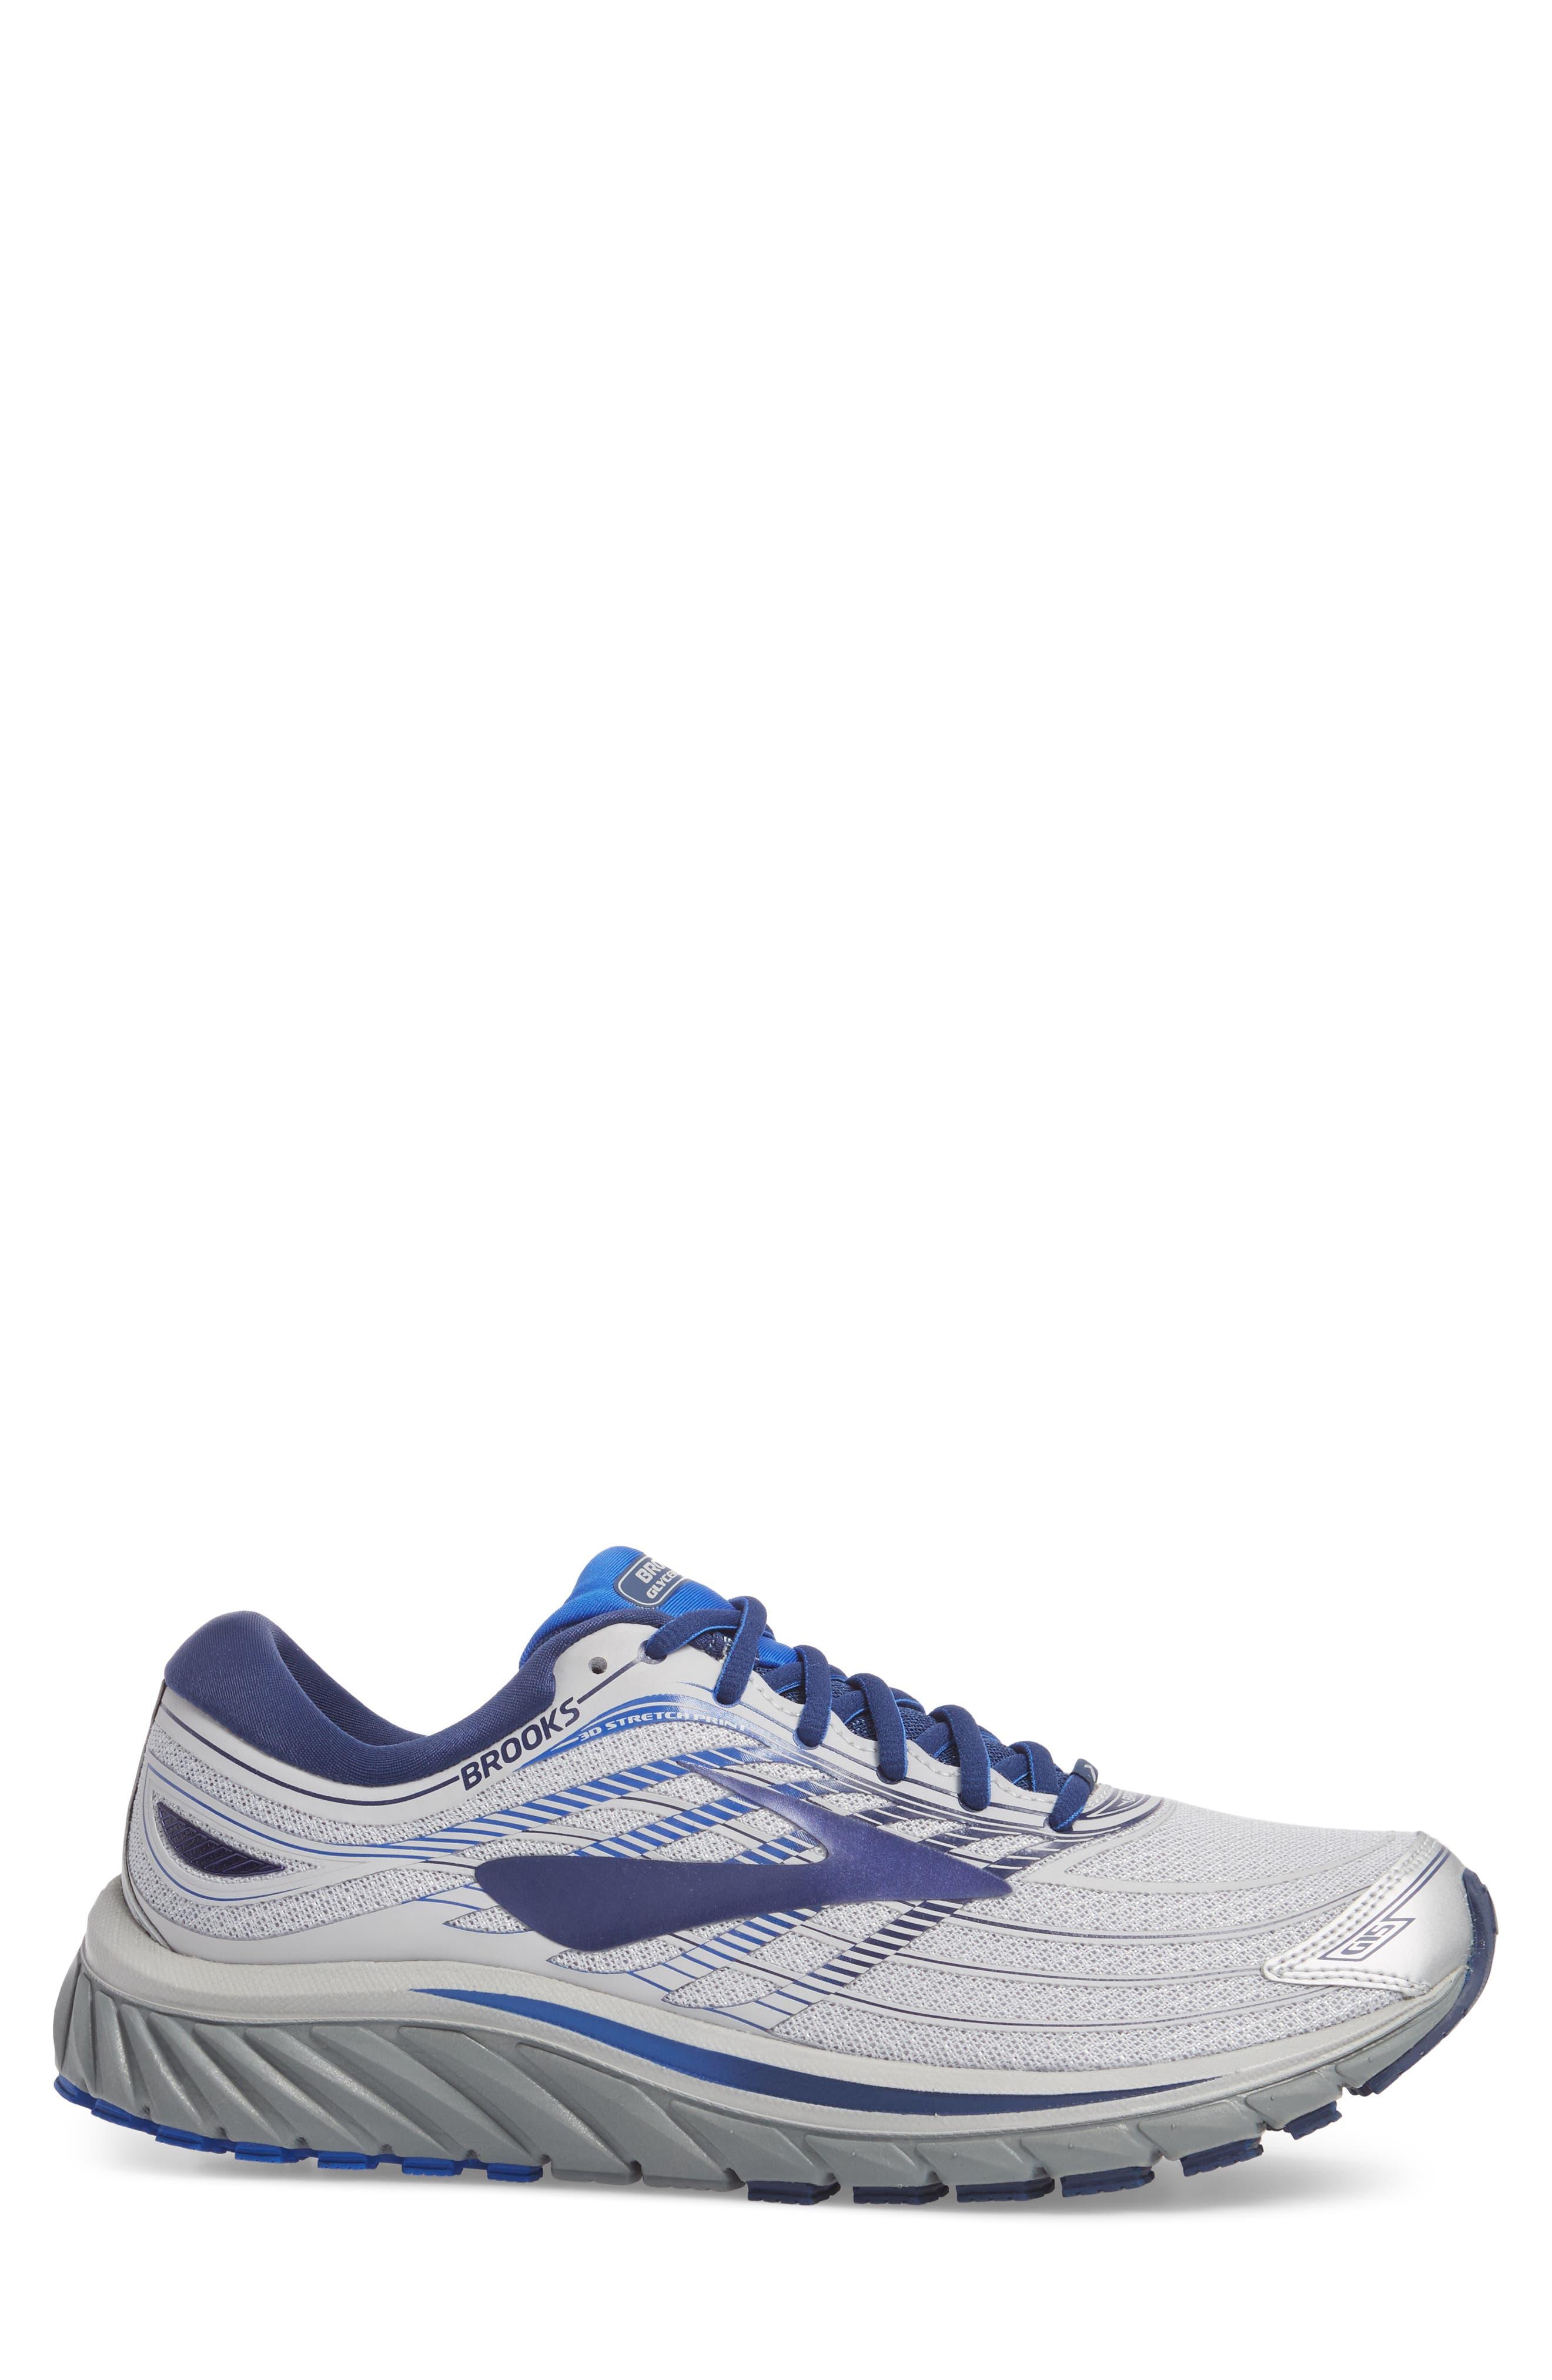 Alternate Image 3  - Brooks Glycerin 15 Running Shoe (Men)